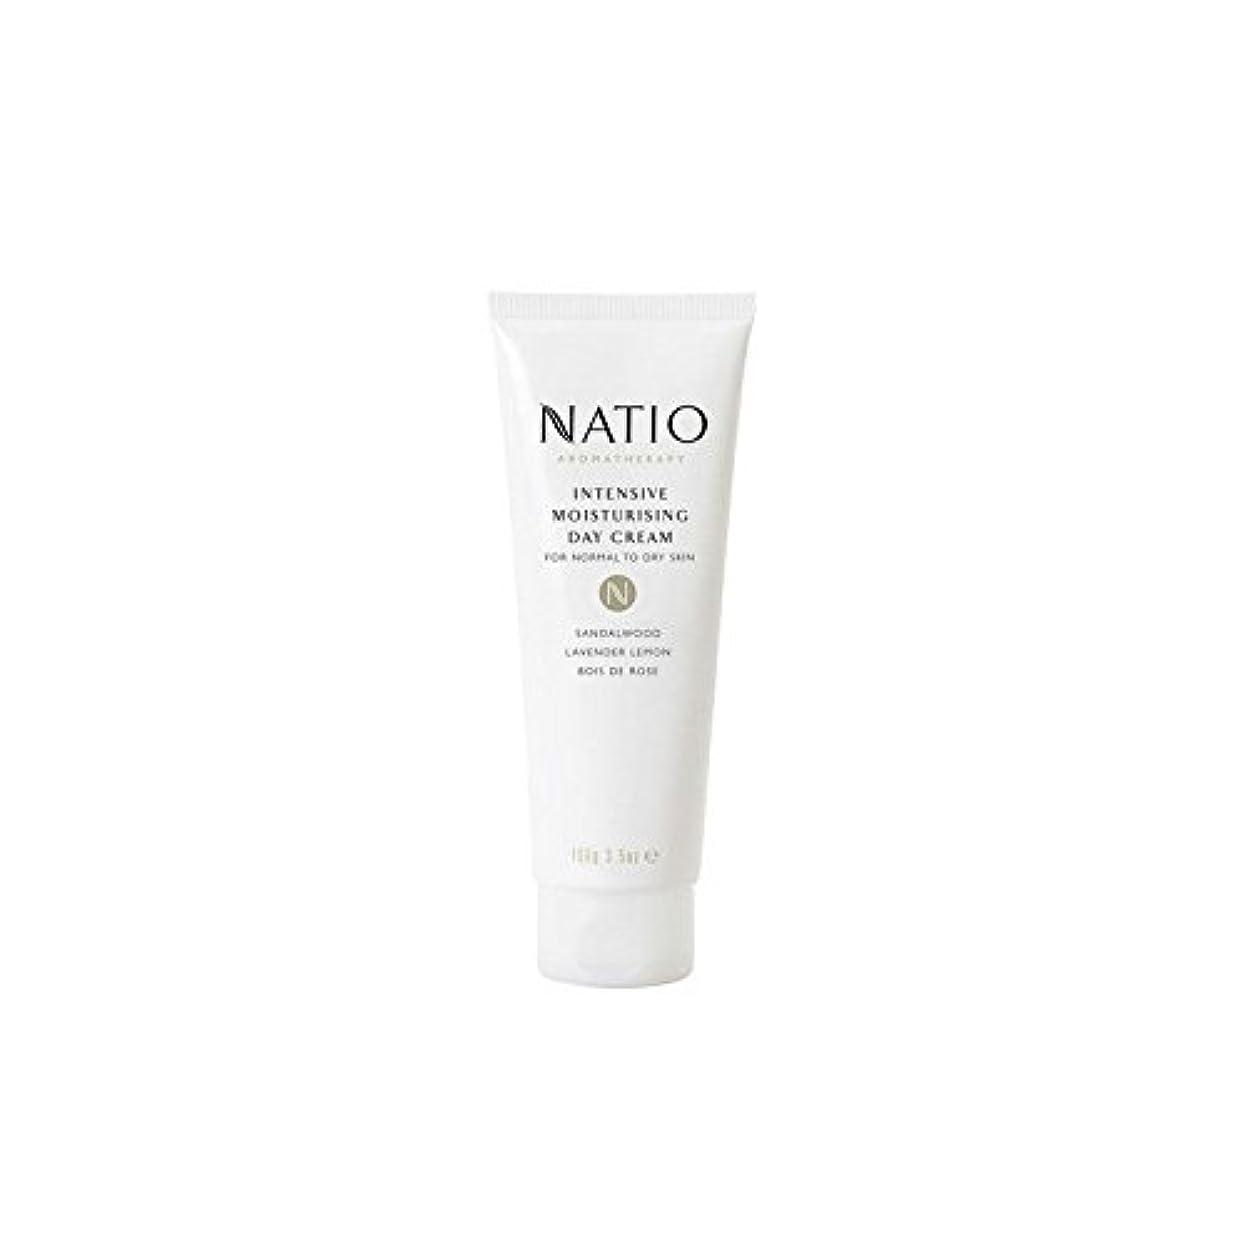 認可解任東Natio Intensive Moisturising Day Cream (100G) (Pack of 6) - 集中的な保湿デイクリーム(100グラム) x6 [並行輸入品]